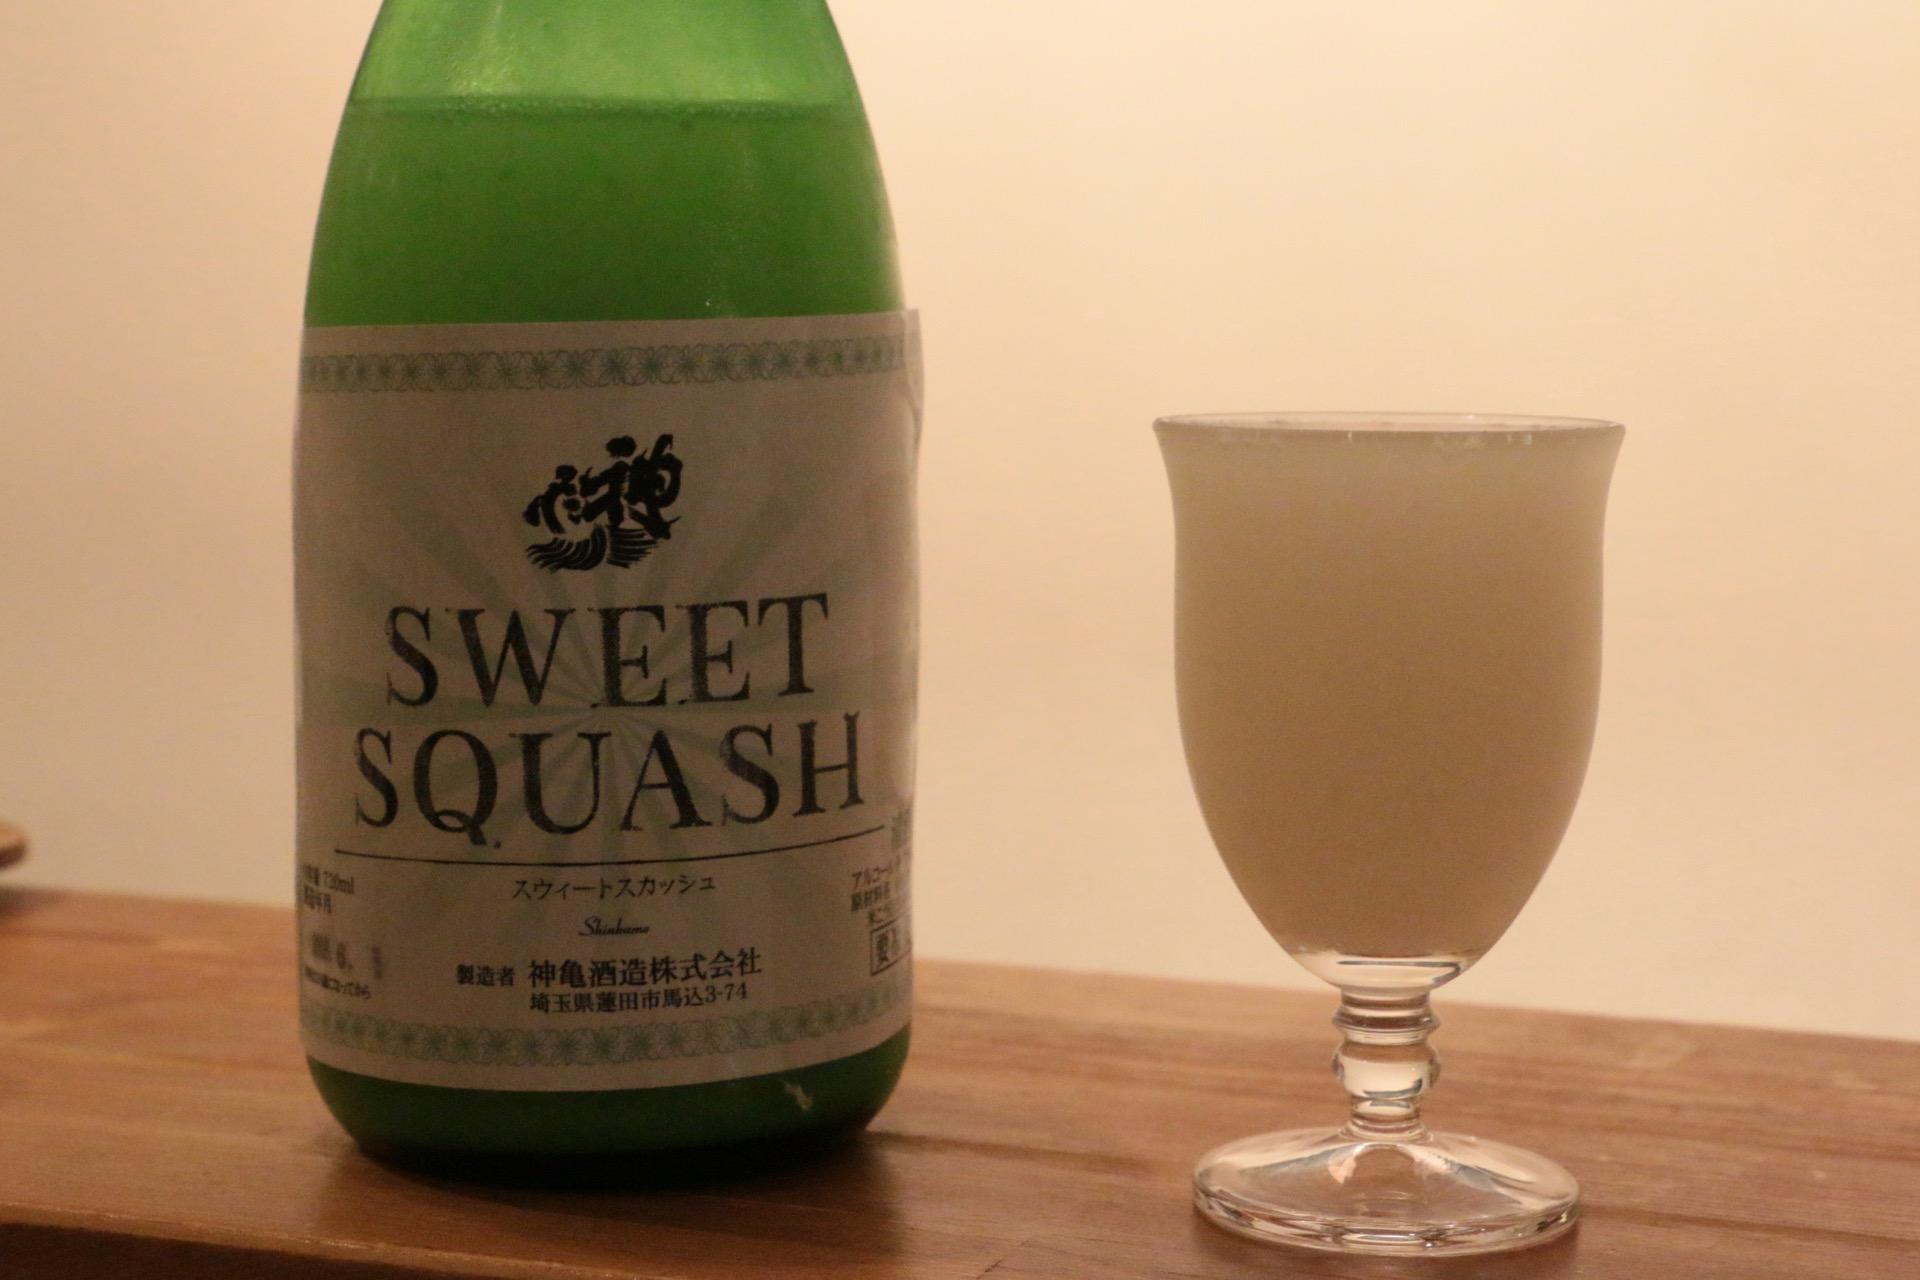 神亀 SWEET SQUASH スイートスカッシュ|日本酒テイスティングノート